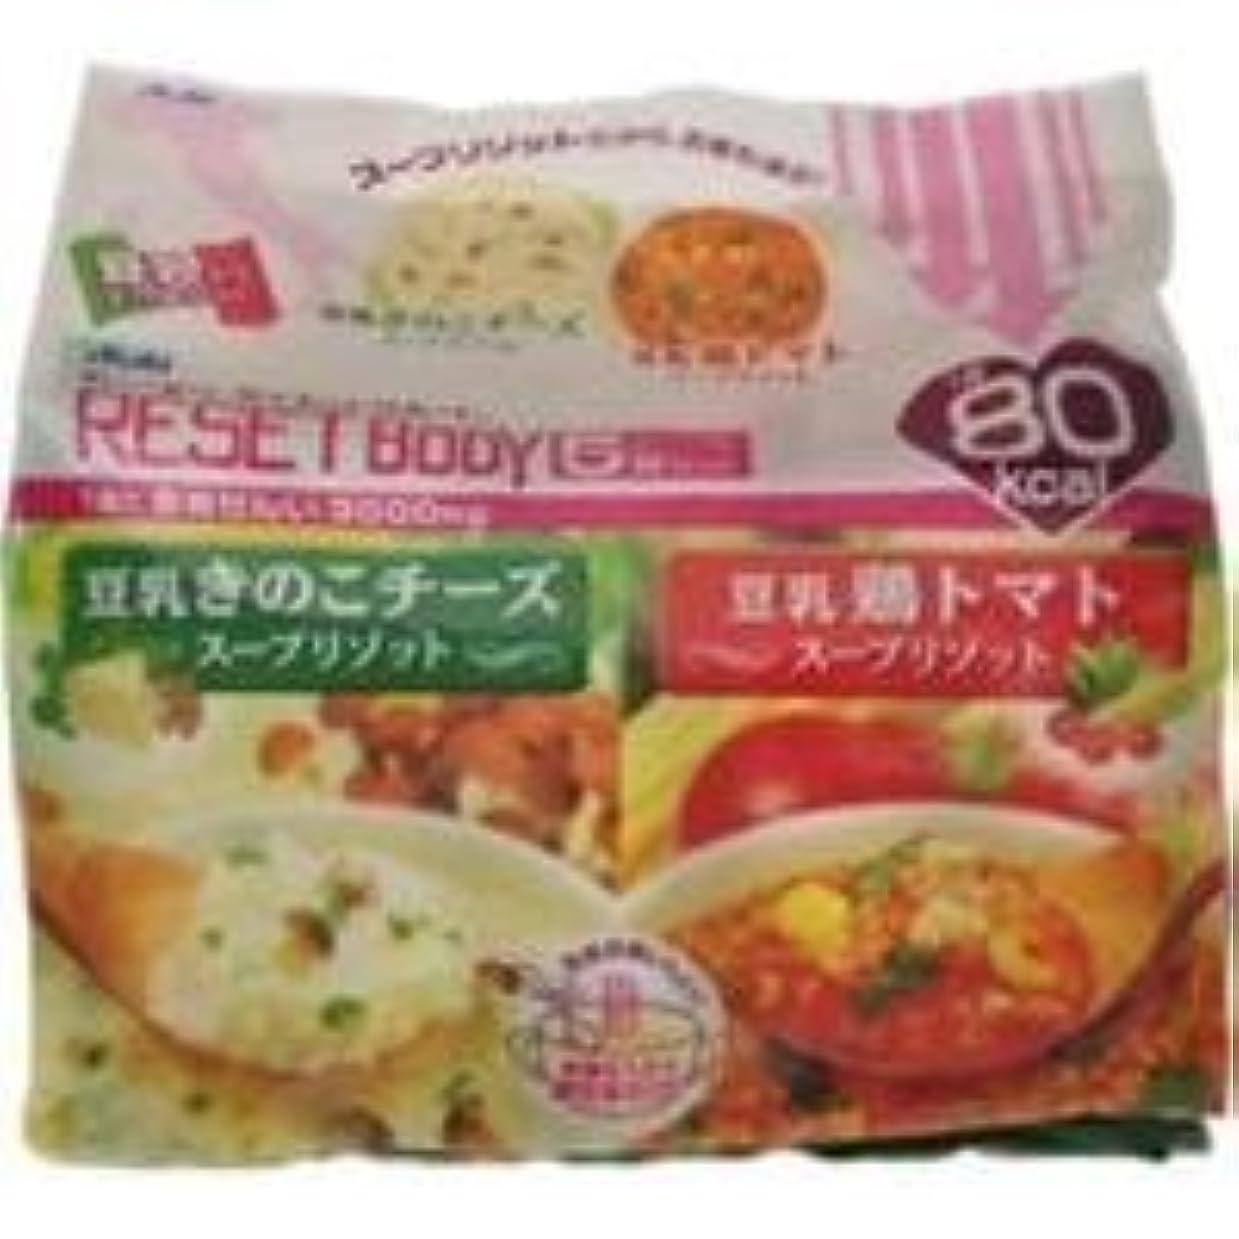 ダニ最も微妙リセットボディ リセットボディ 豆乳きのこチーズ&鶏トマトスープリゾット 5食 きのこ3食+???2食 1袋